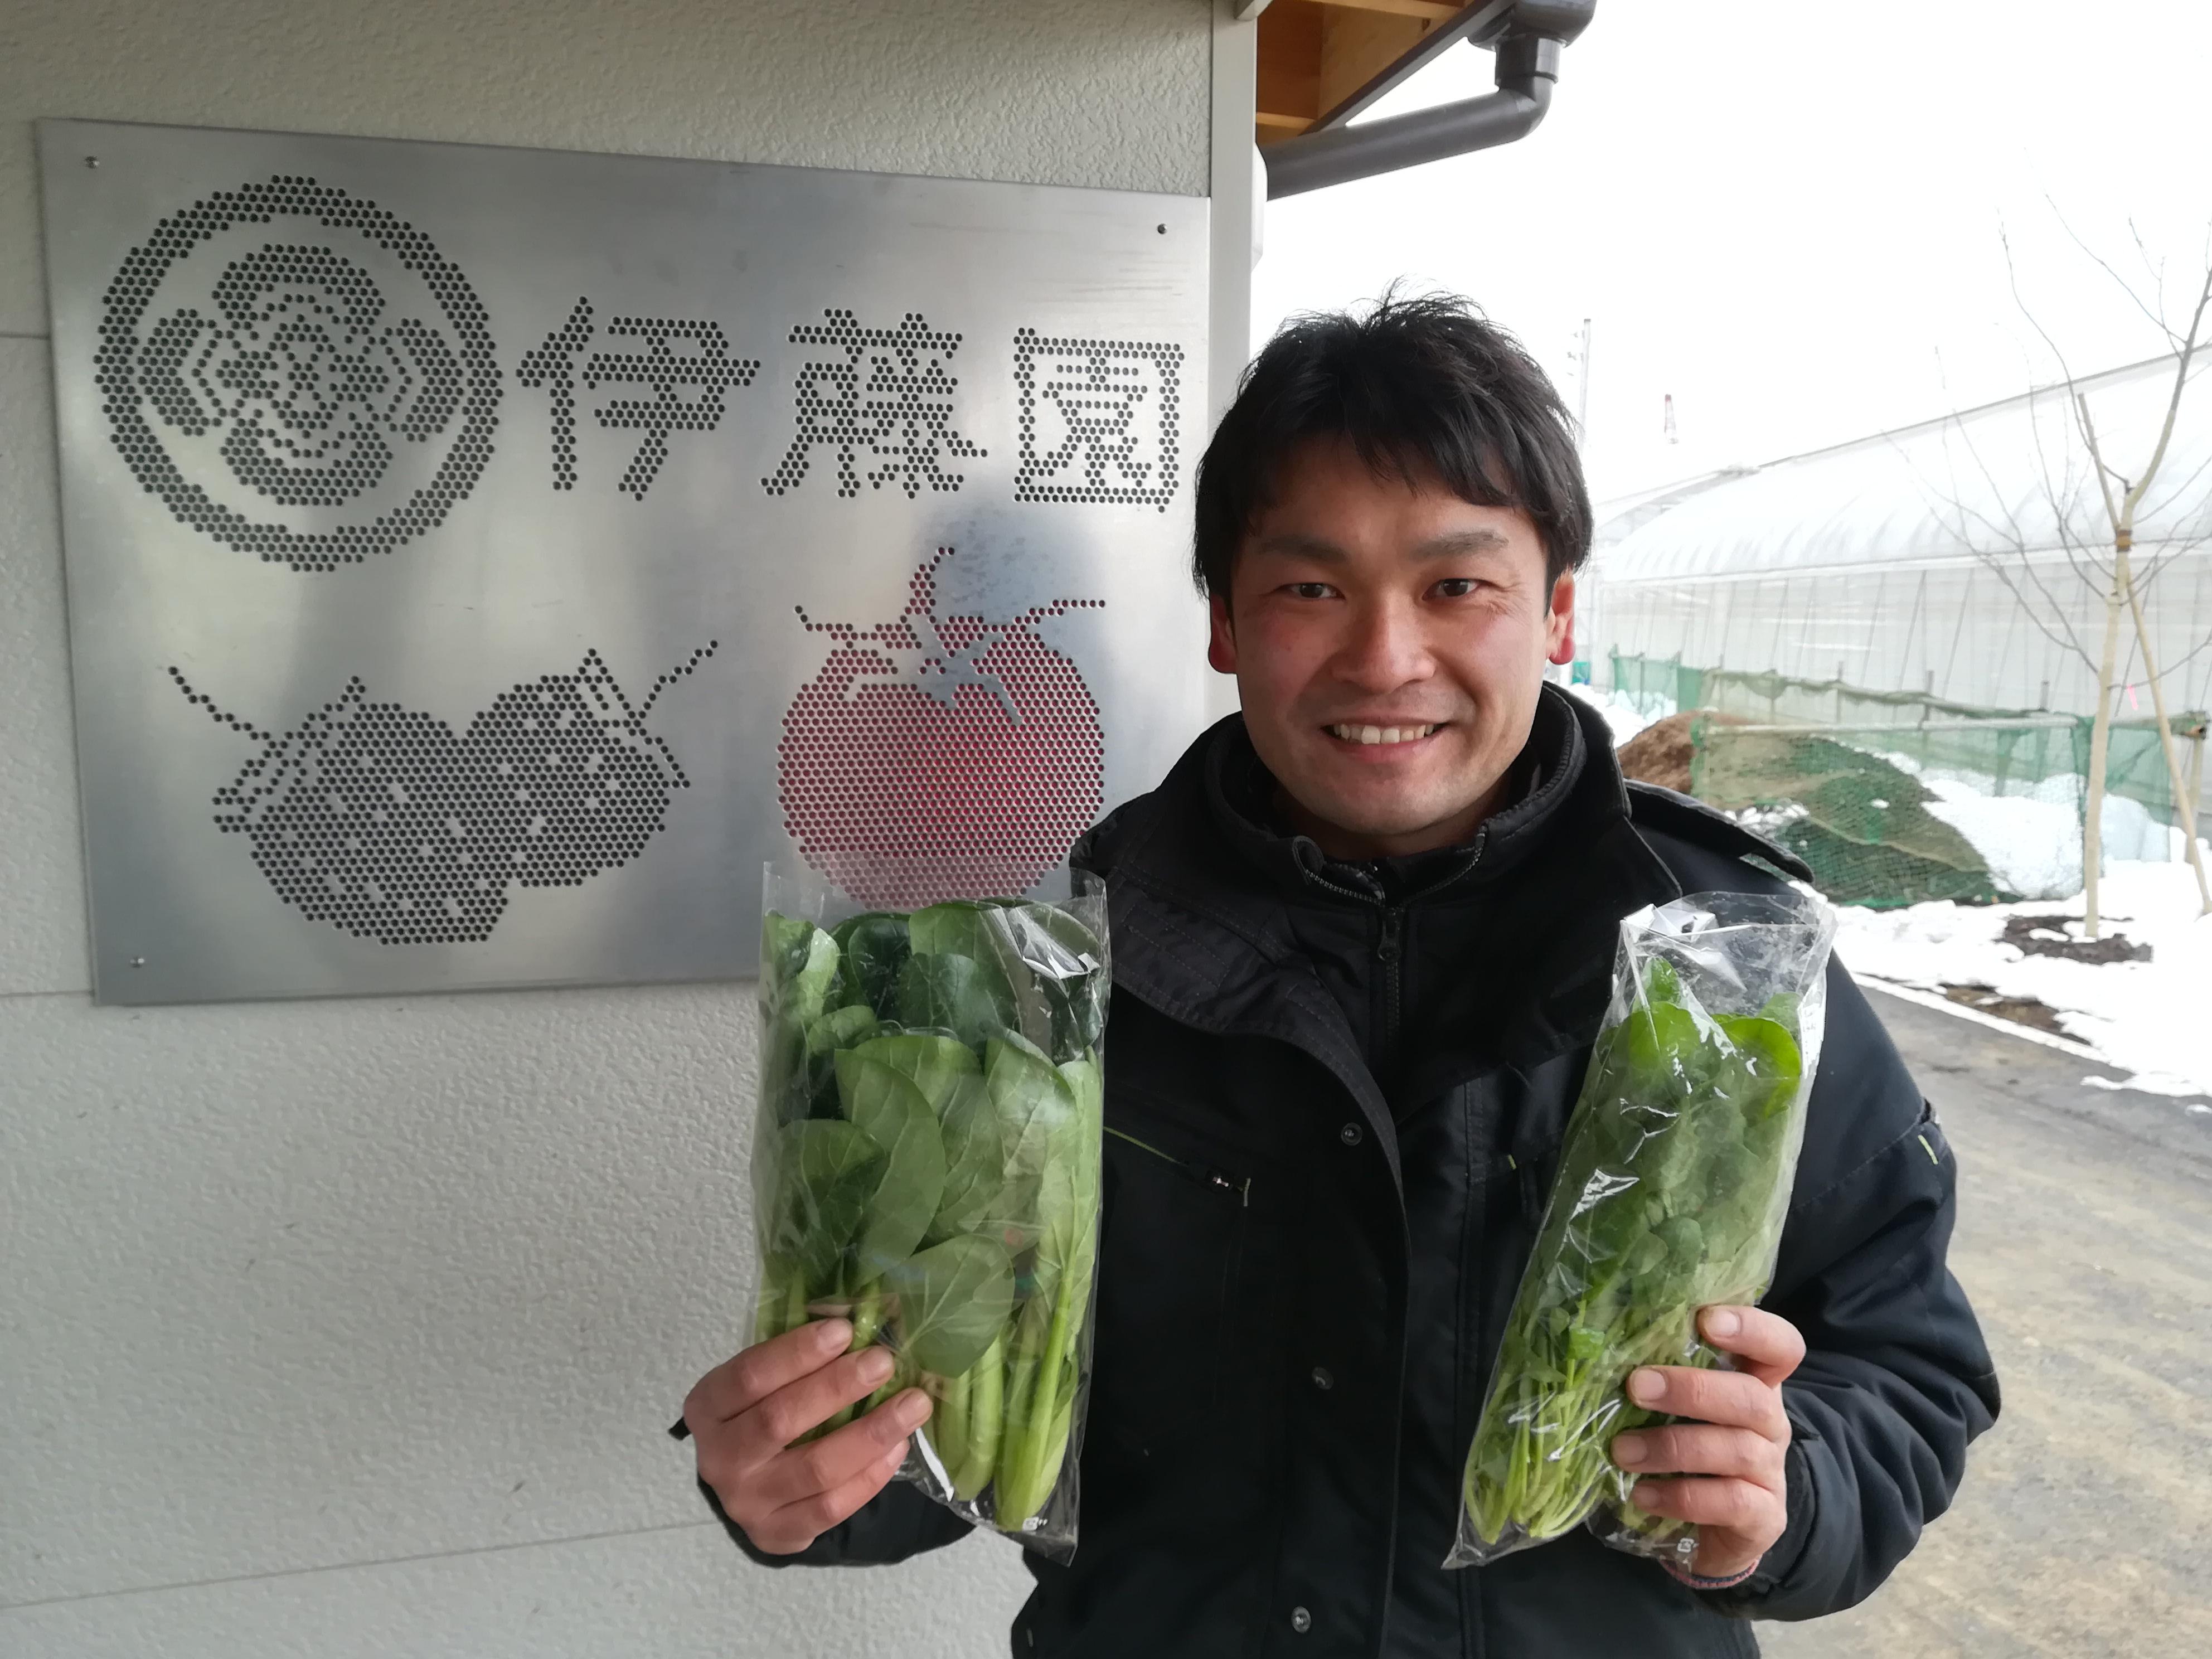 農作物受け渡しイベント(1月)を実施!! 次回は2月24日を予定